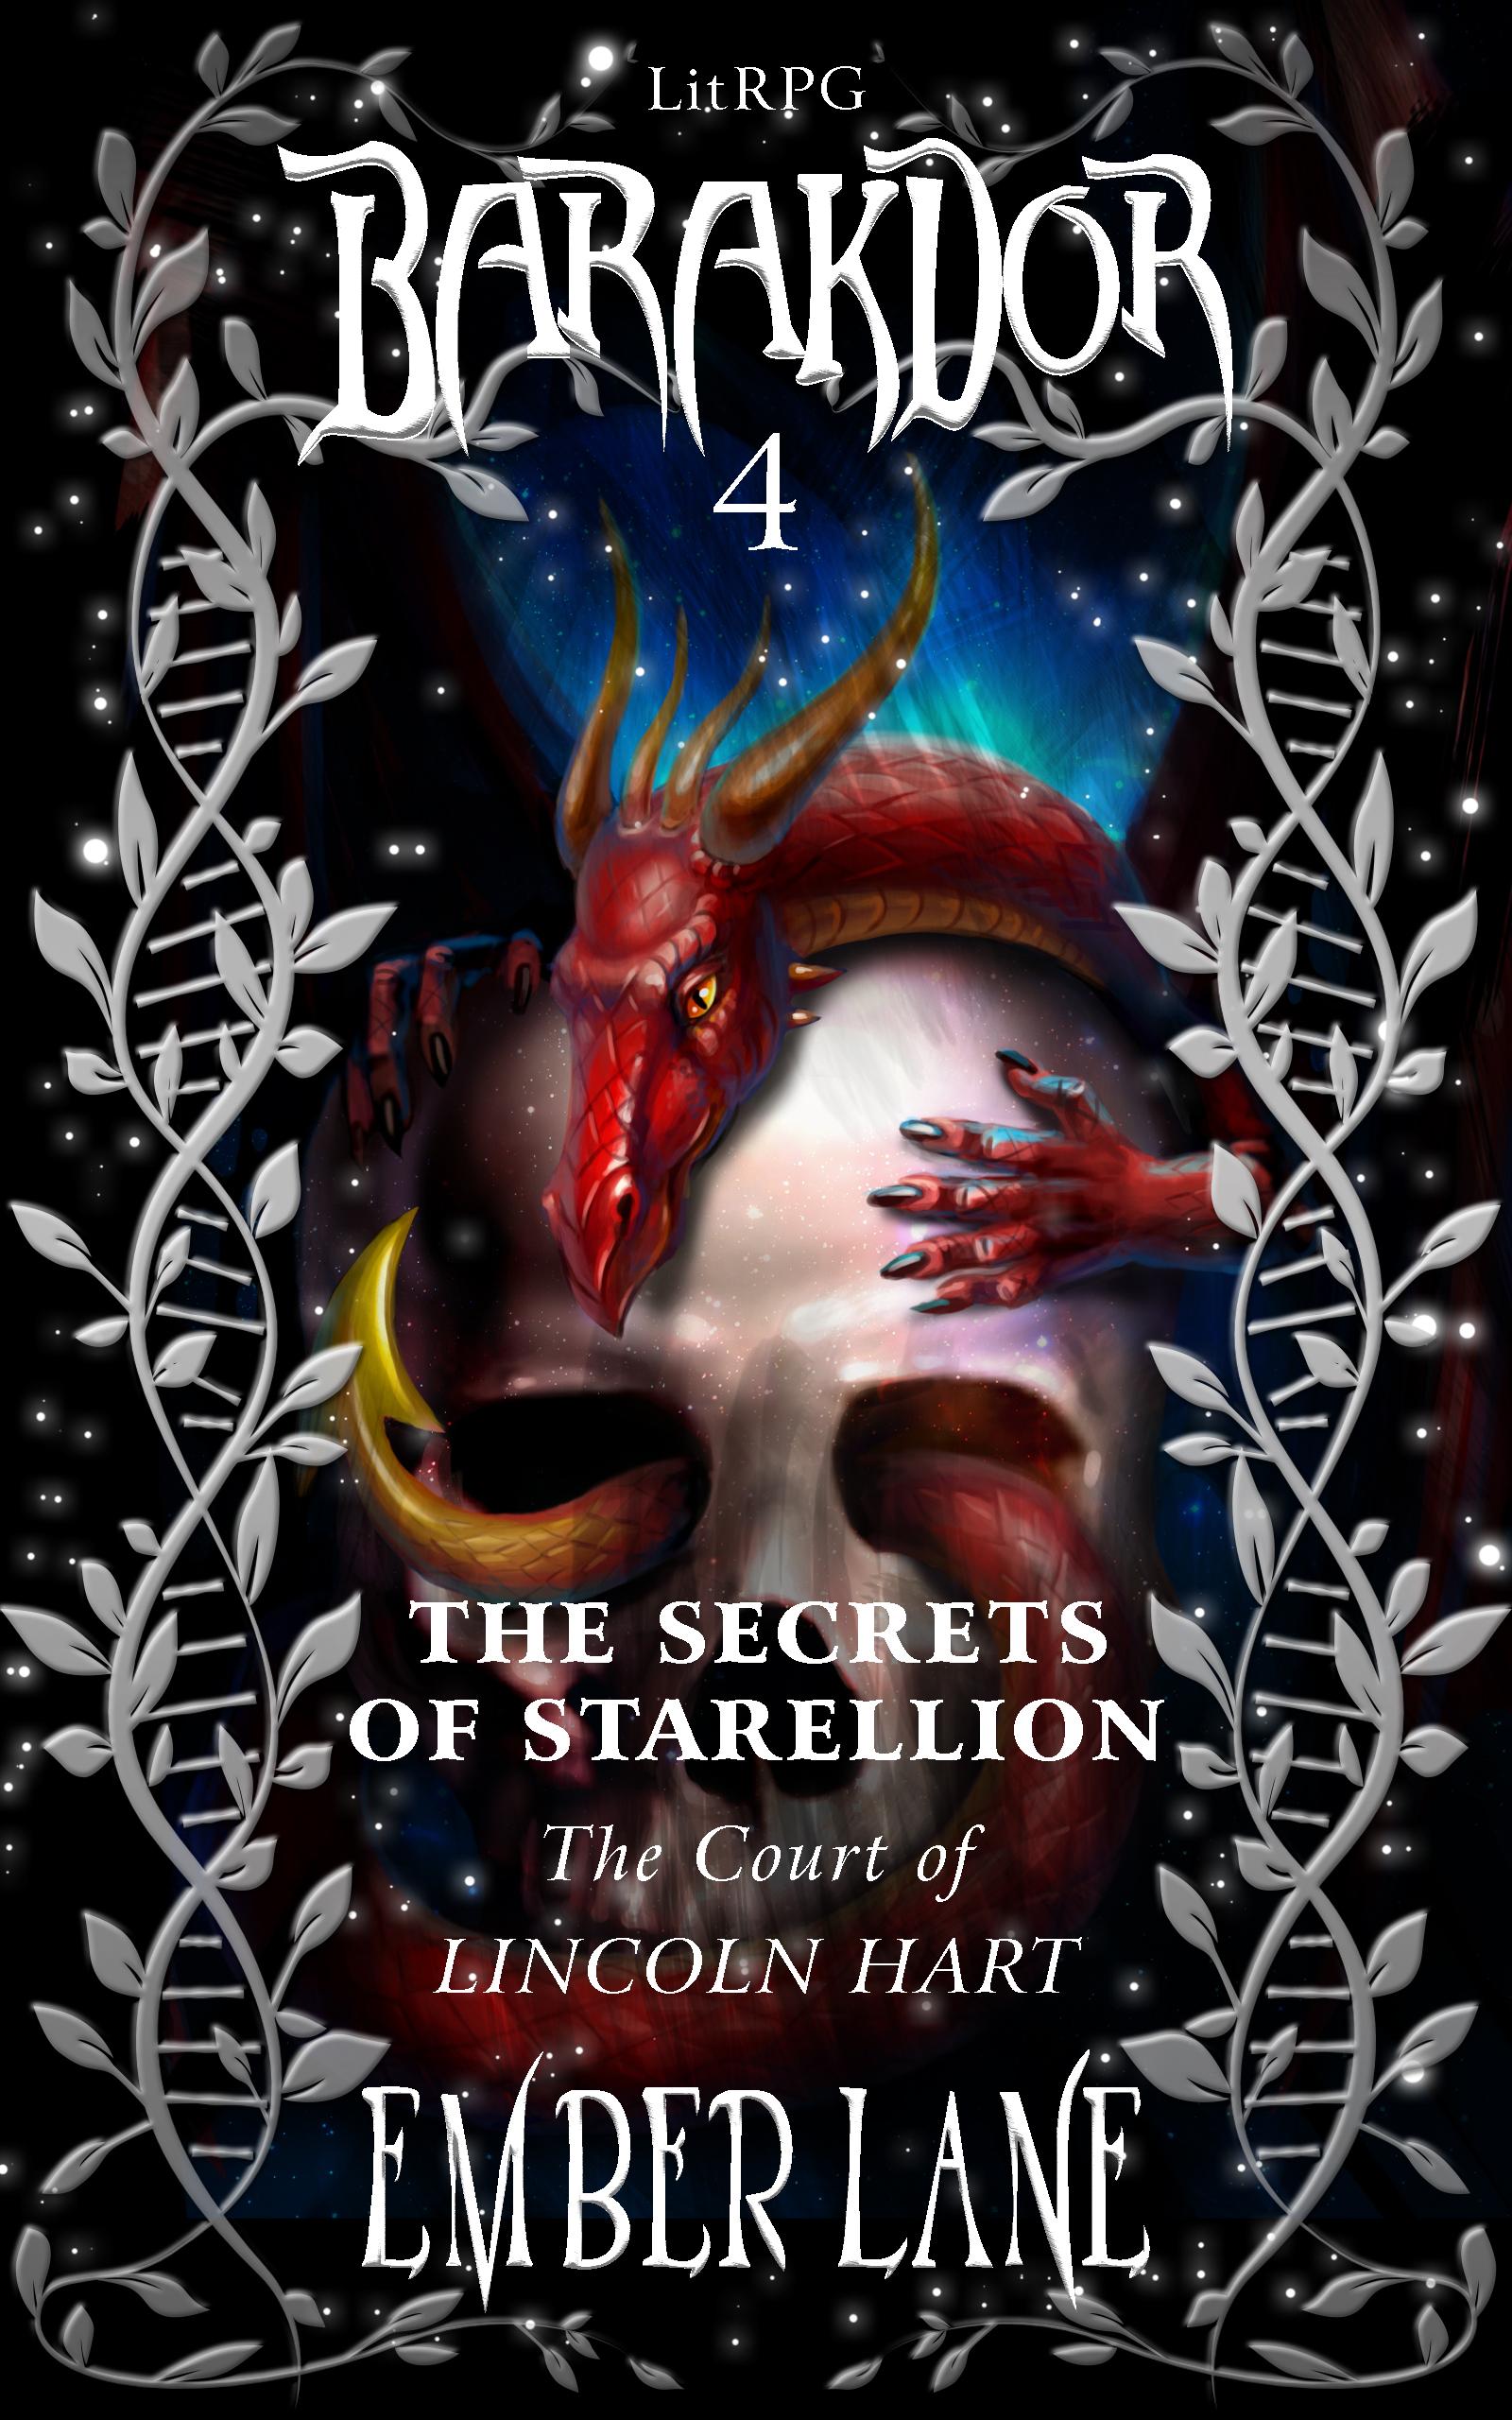 Barakdor Book4 – Secrets of Starellion